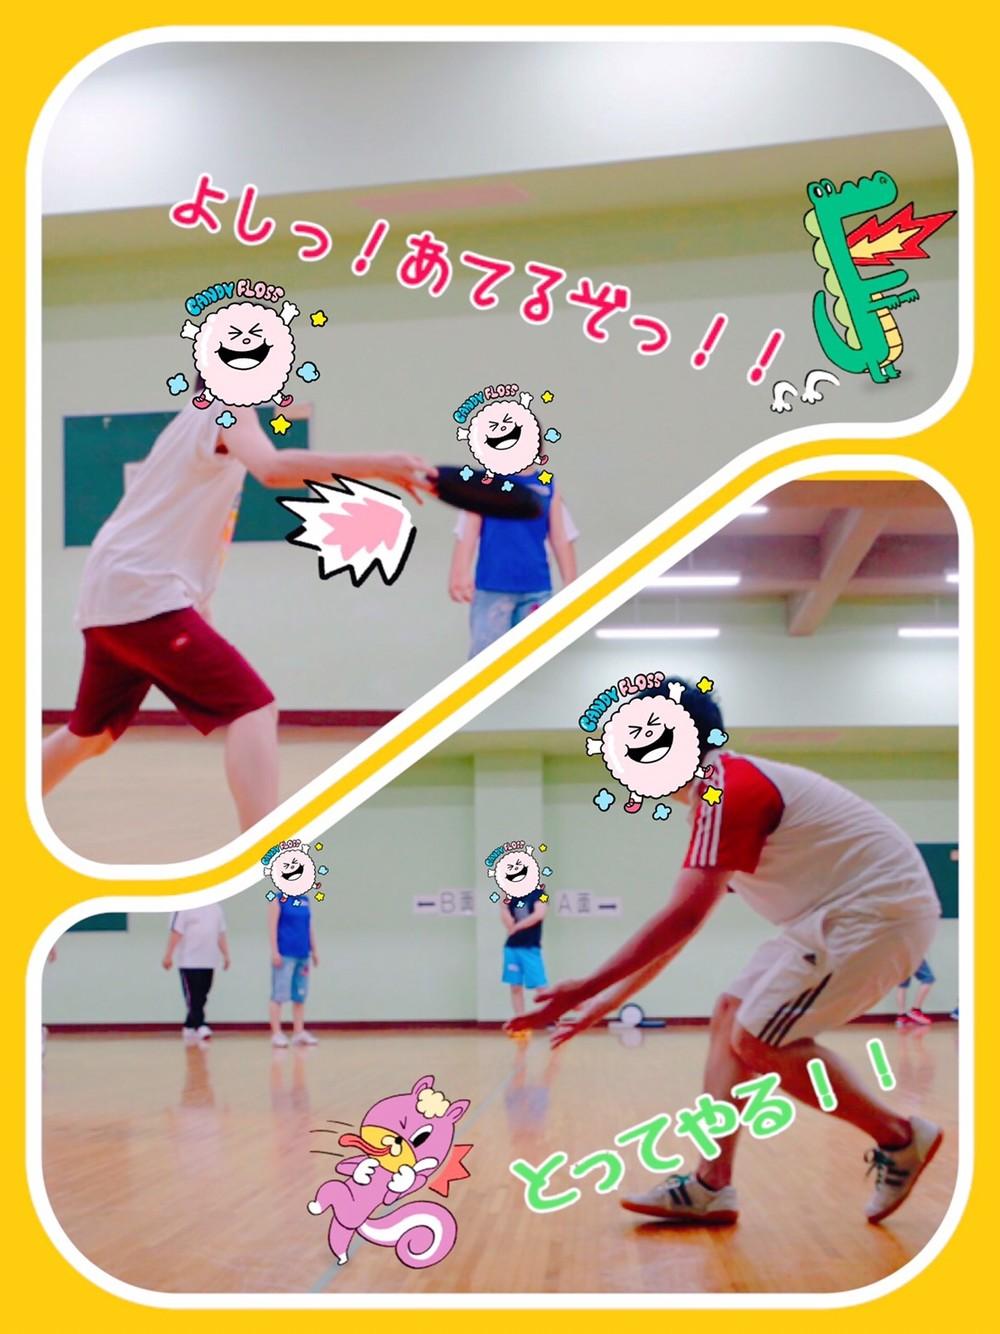 【未経験大歓迎】ドッヂビー!!!…第36回